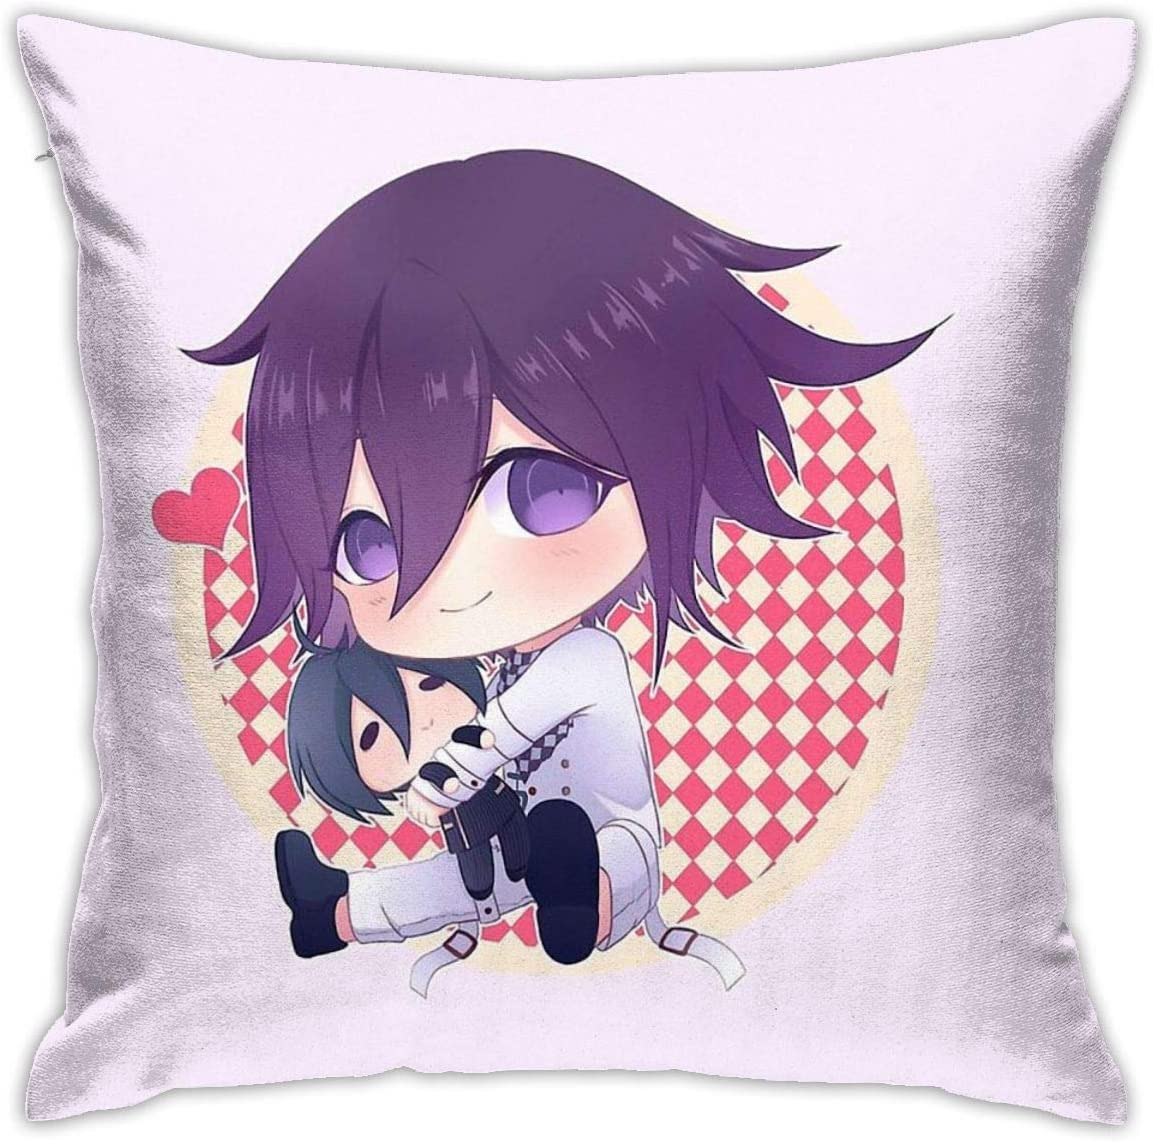 Ouma Kokichi Junko Danganronpa Pillow Seat Cushion beidzeitig only Pillowcase